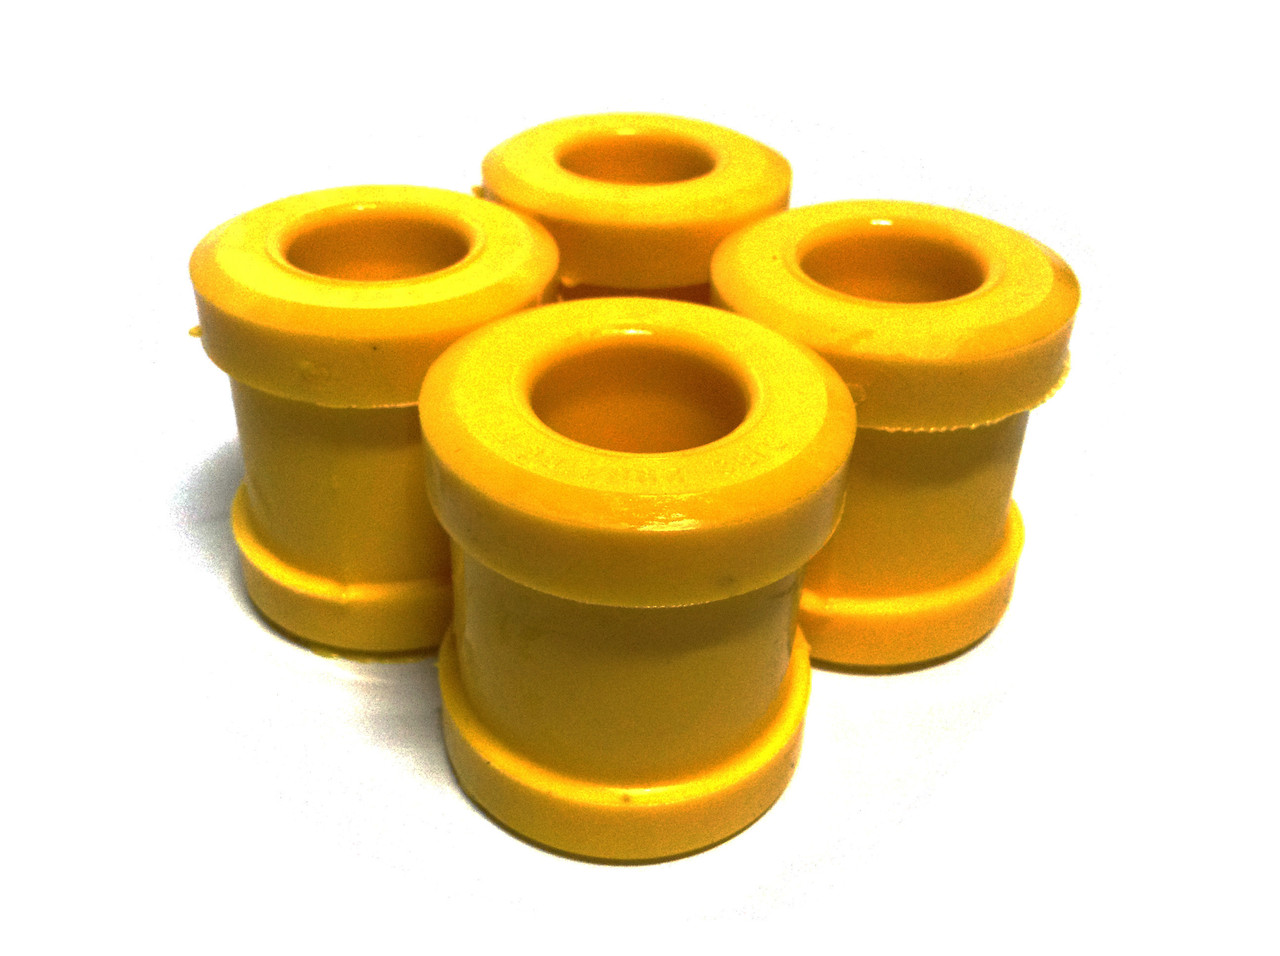 Втулка осі важелів верхн. Волга 3102,3110 поліуретан жовтий. (компл.4шт) (пр-во Липецьк, Росія)